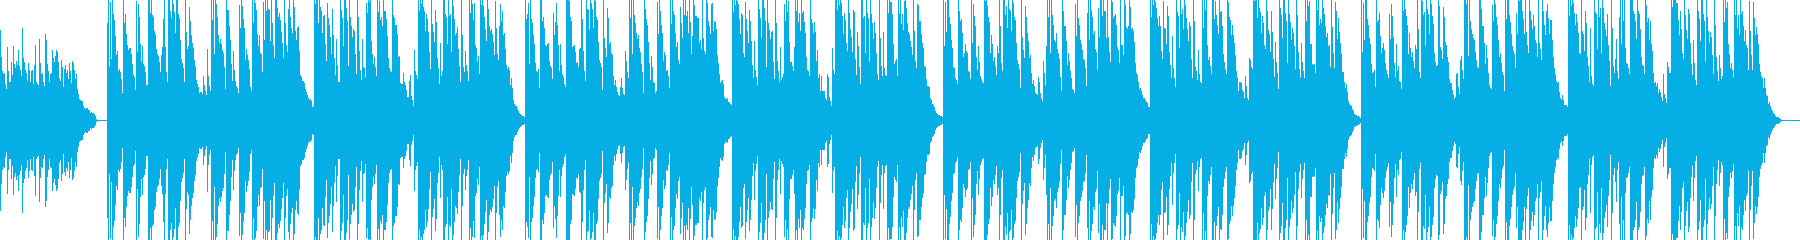 アコギのさびしくゆったりしたBGMの再生済みの波形